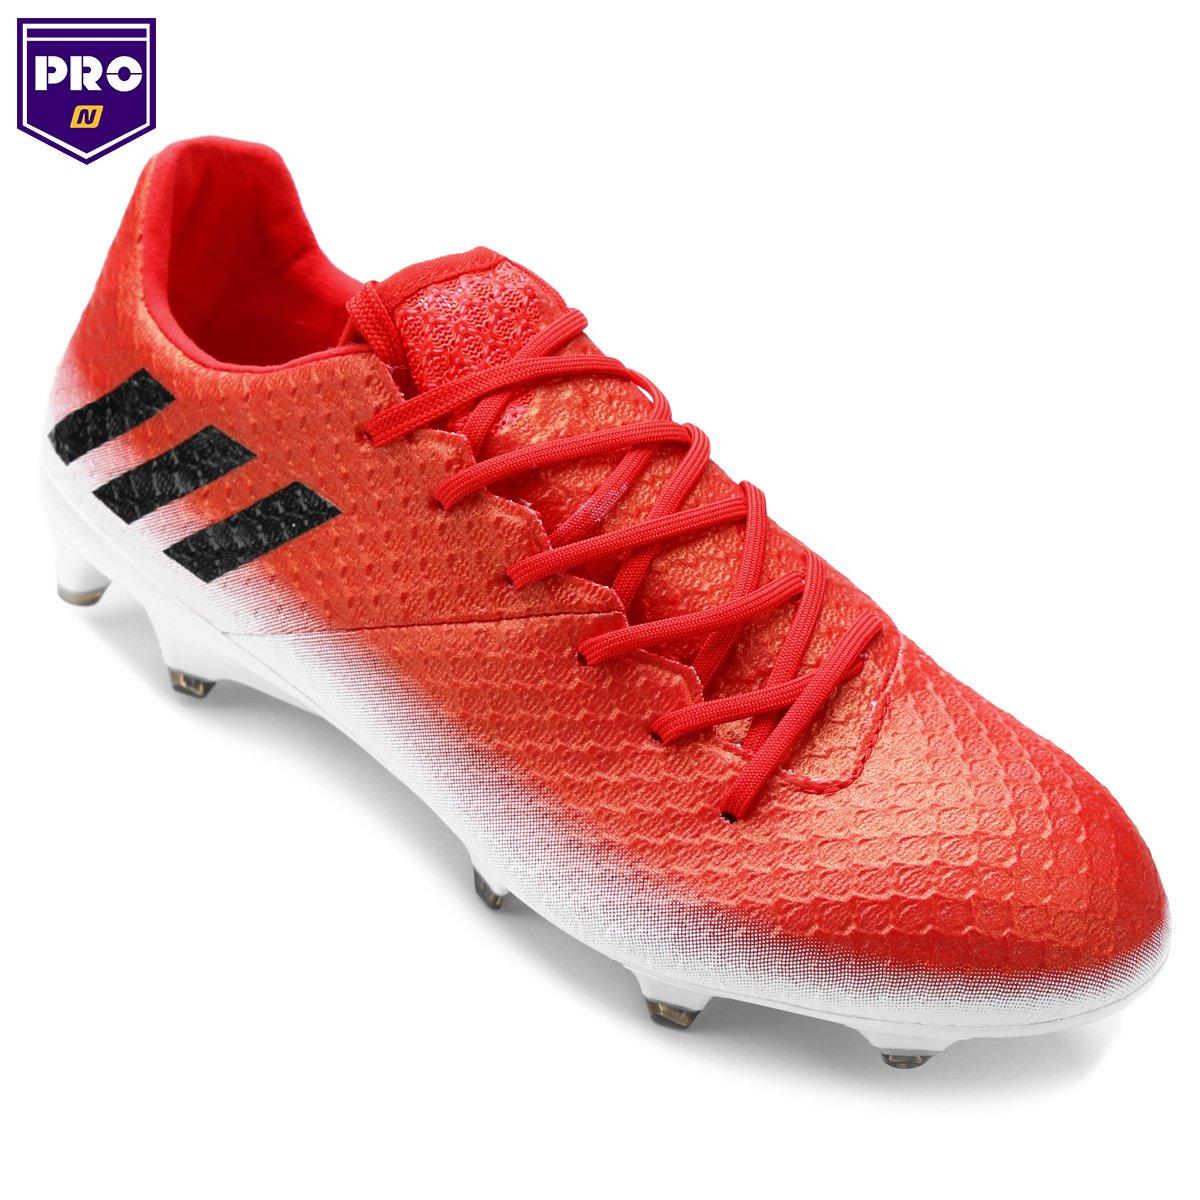 f17c09b47d04c Chuteira Campo Adidas Messi 16.1 FG Masculina | Livelo -Sua Vida com ...